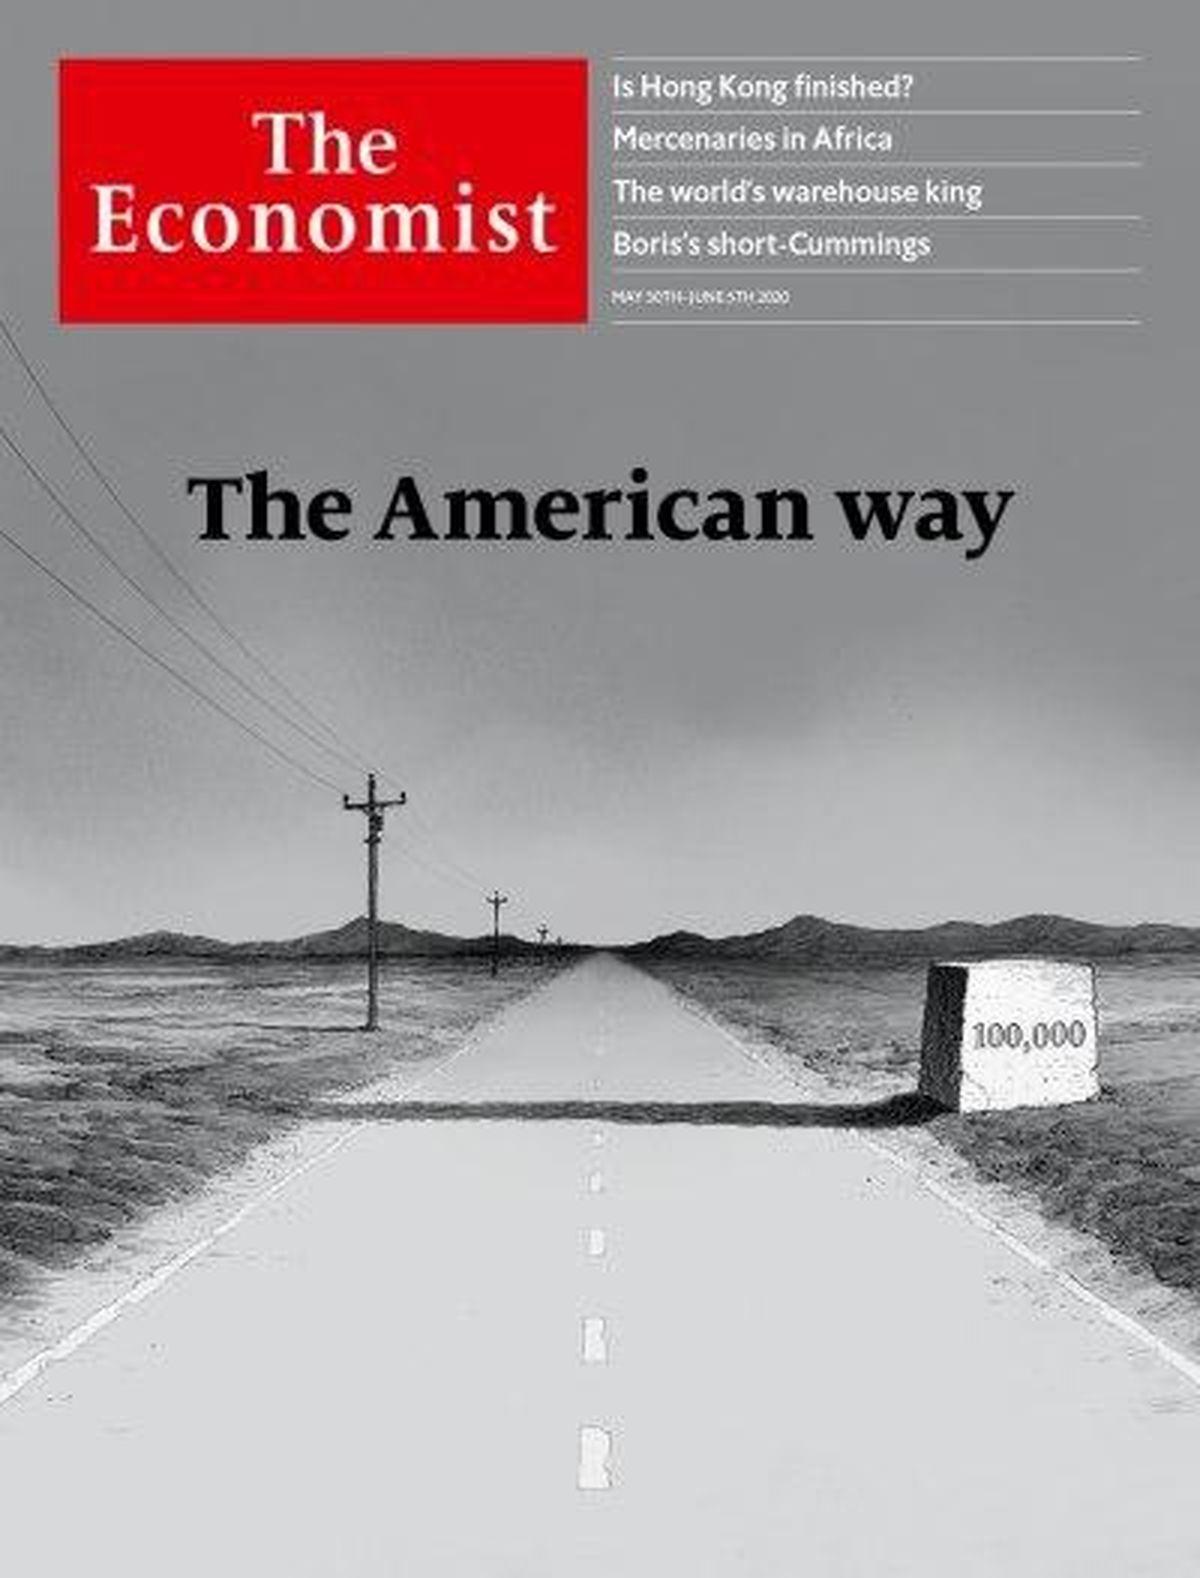 نحوه مقابله آمریکا با کرونا روی جلد اکونومیست